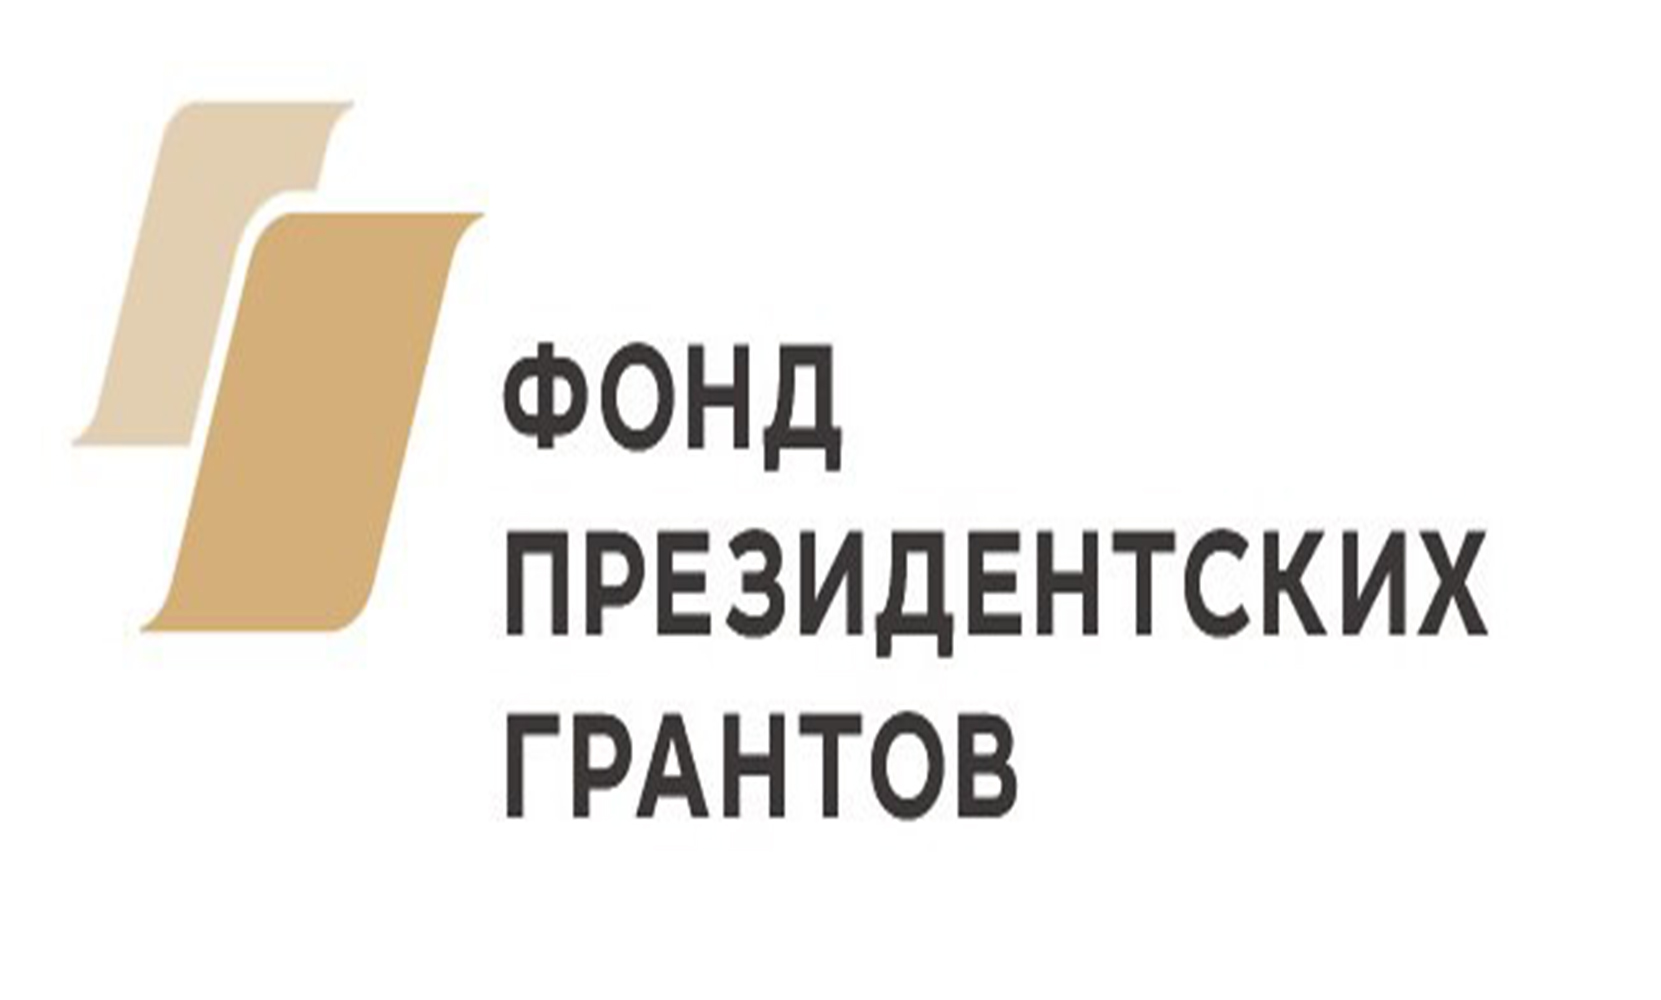 Форма заявки на федеральный конкурс президентских грантов в 2017 году